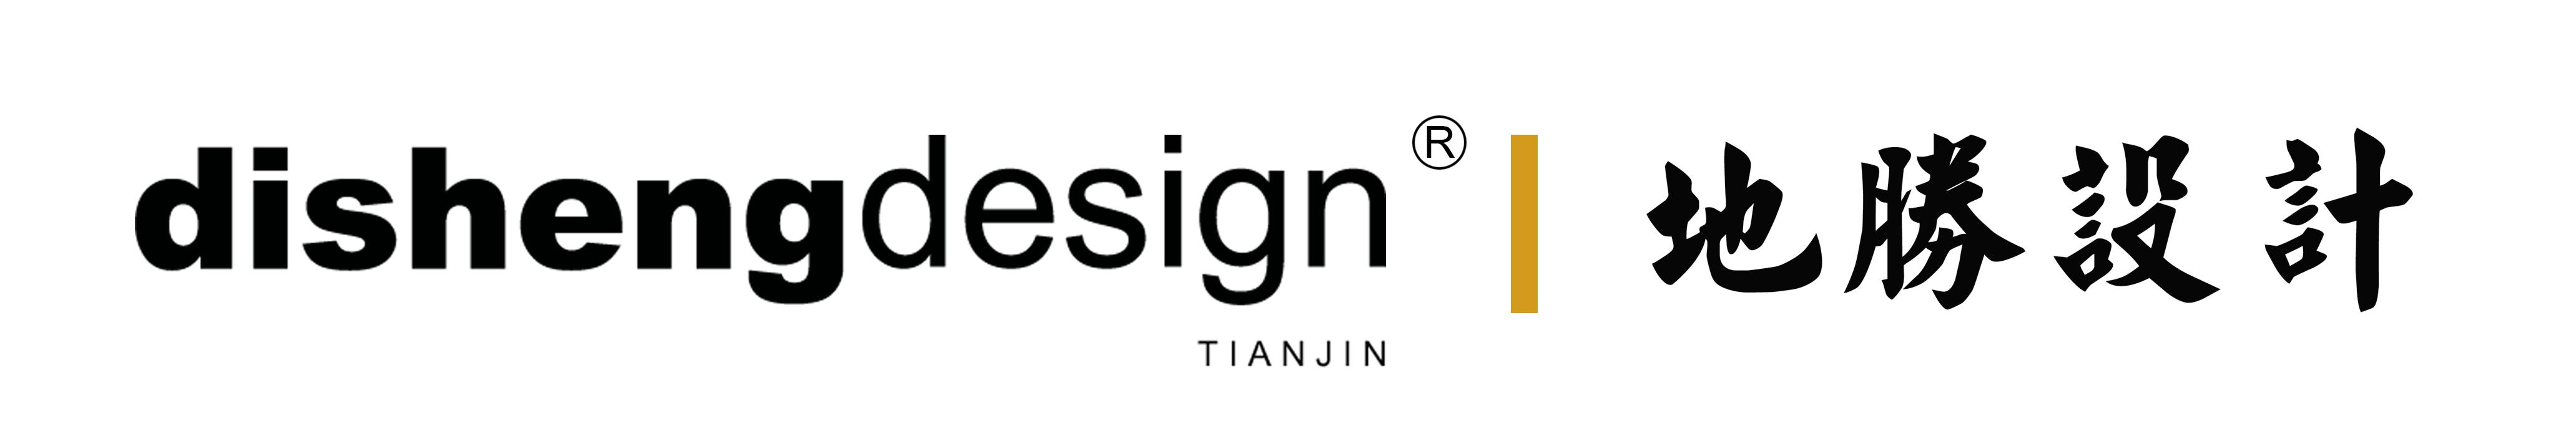 地胜设计  disheng design (天津) 有限公司